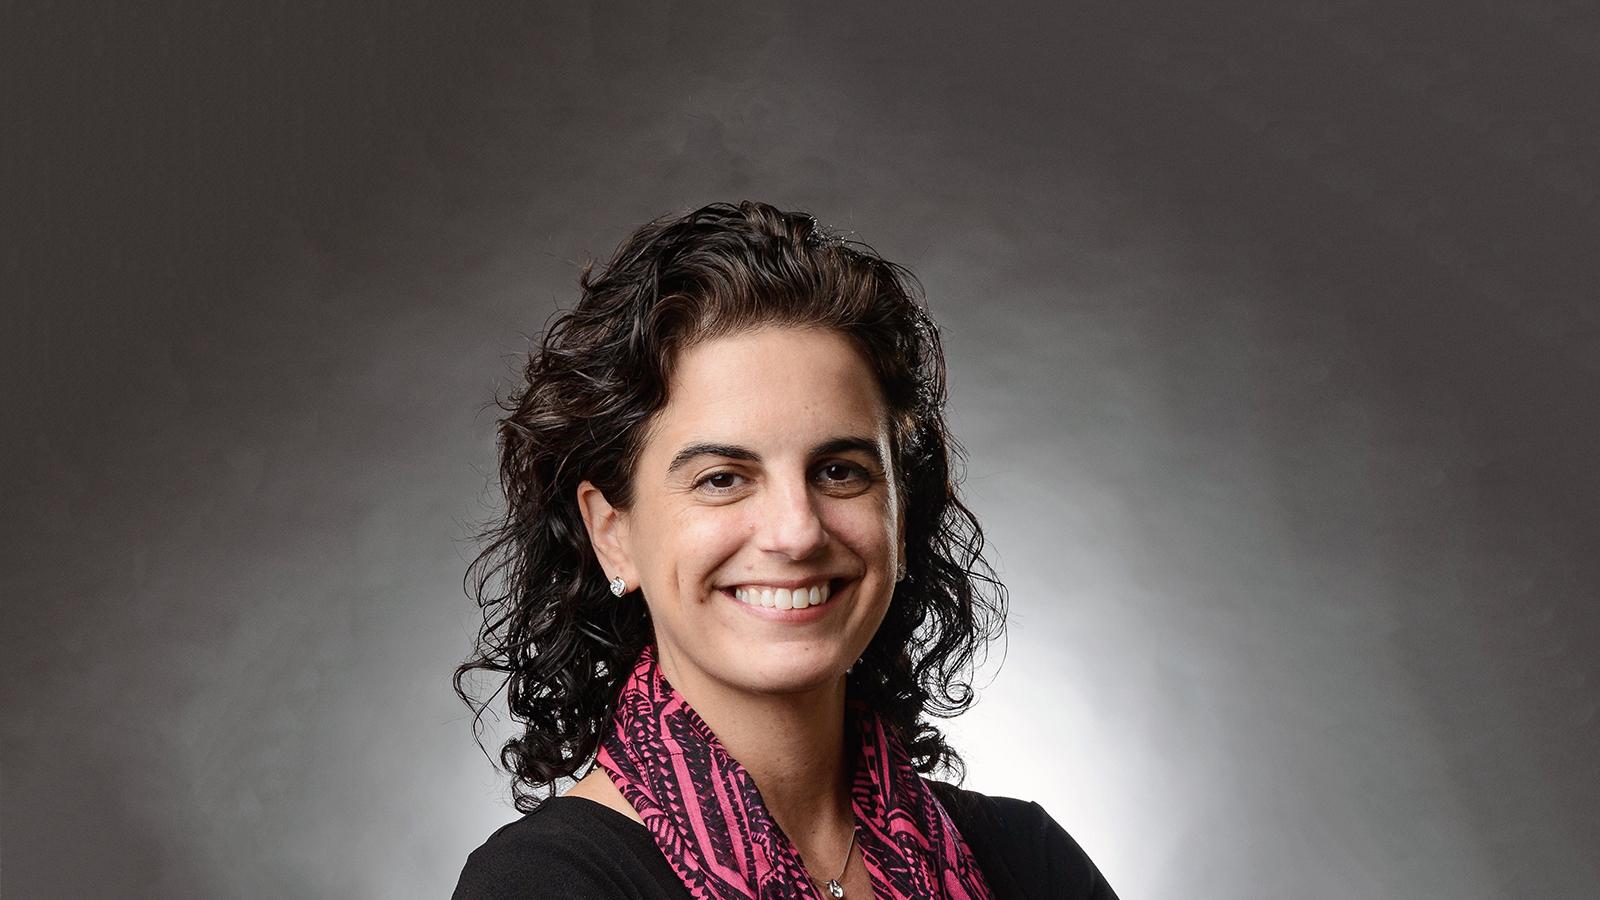 Stacy Garrop